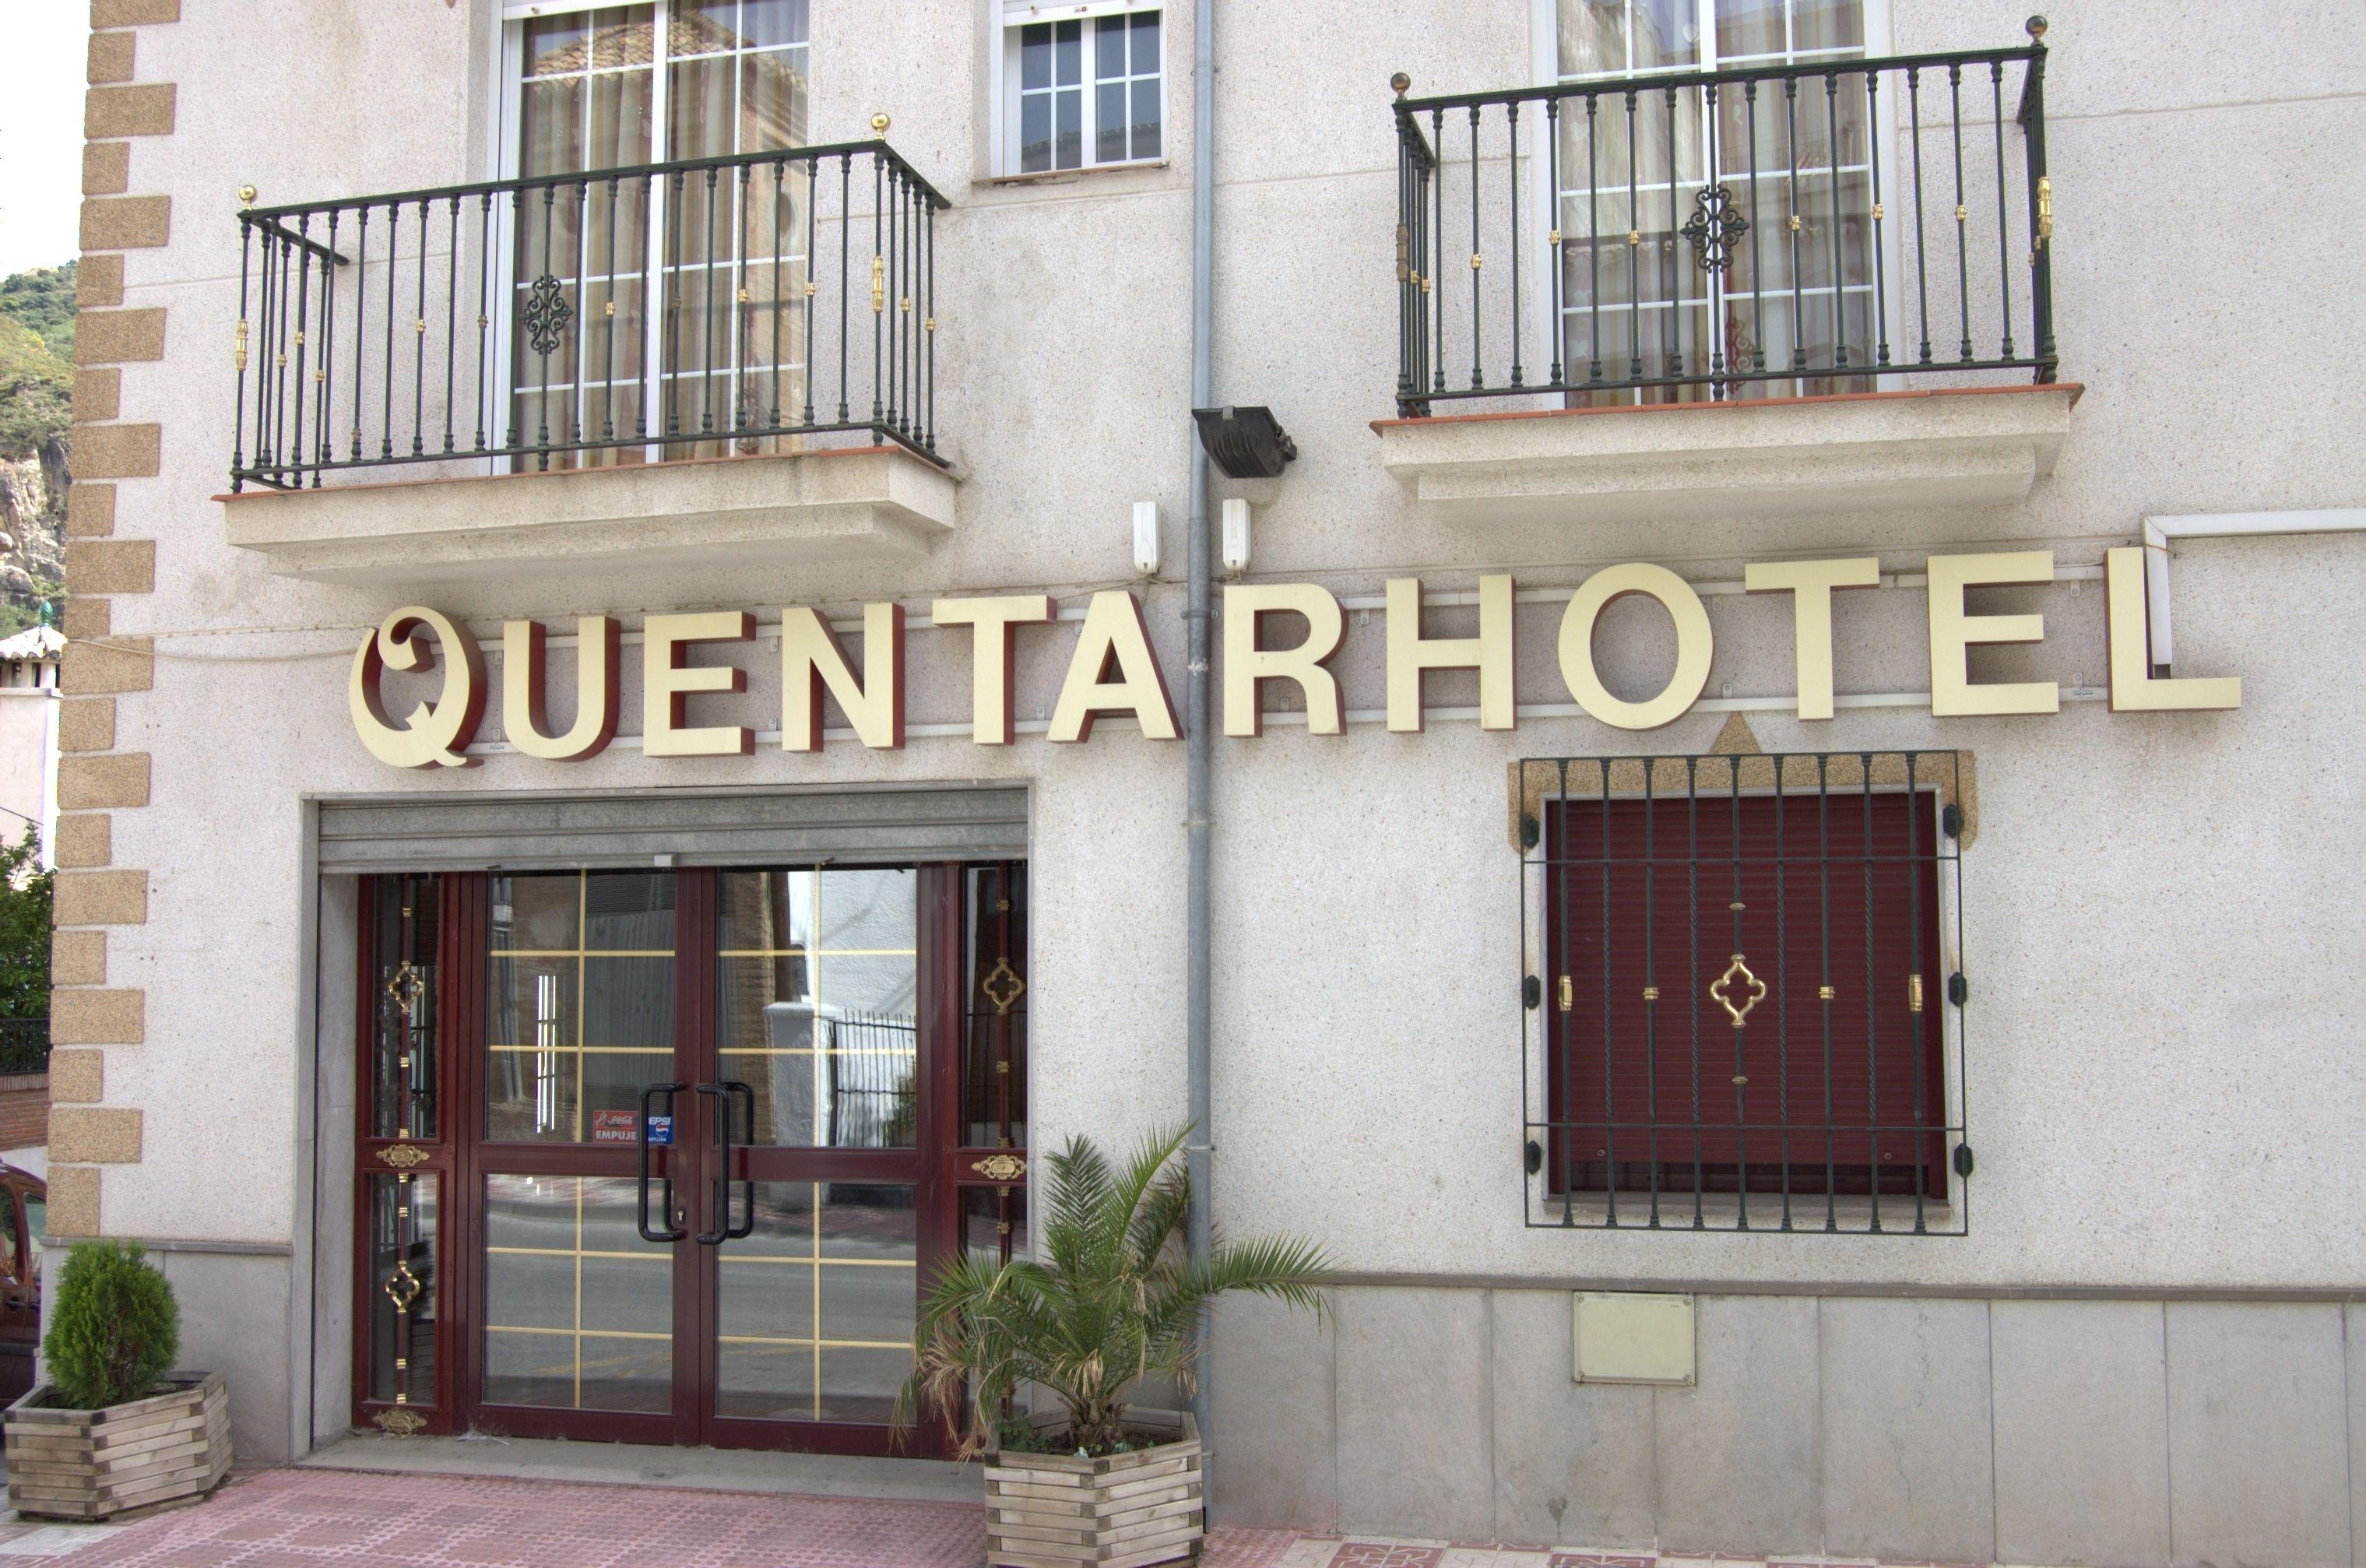 Quentar Hotel